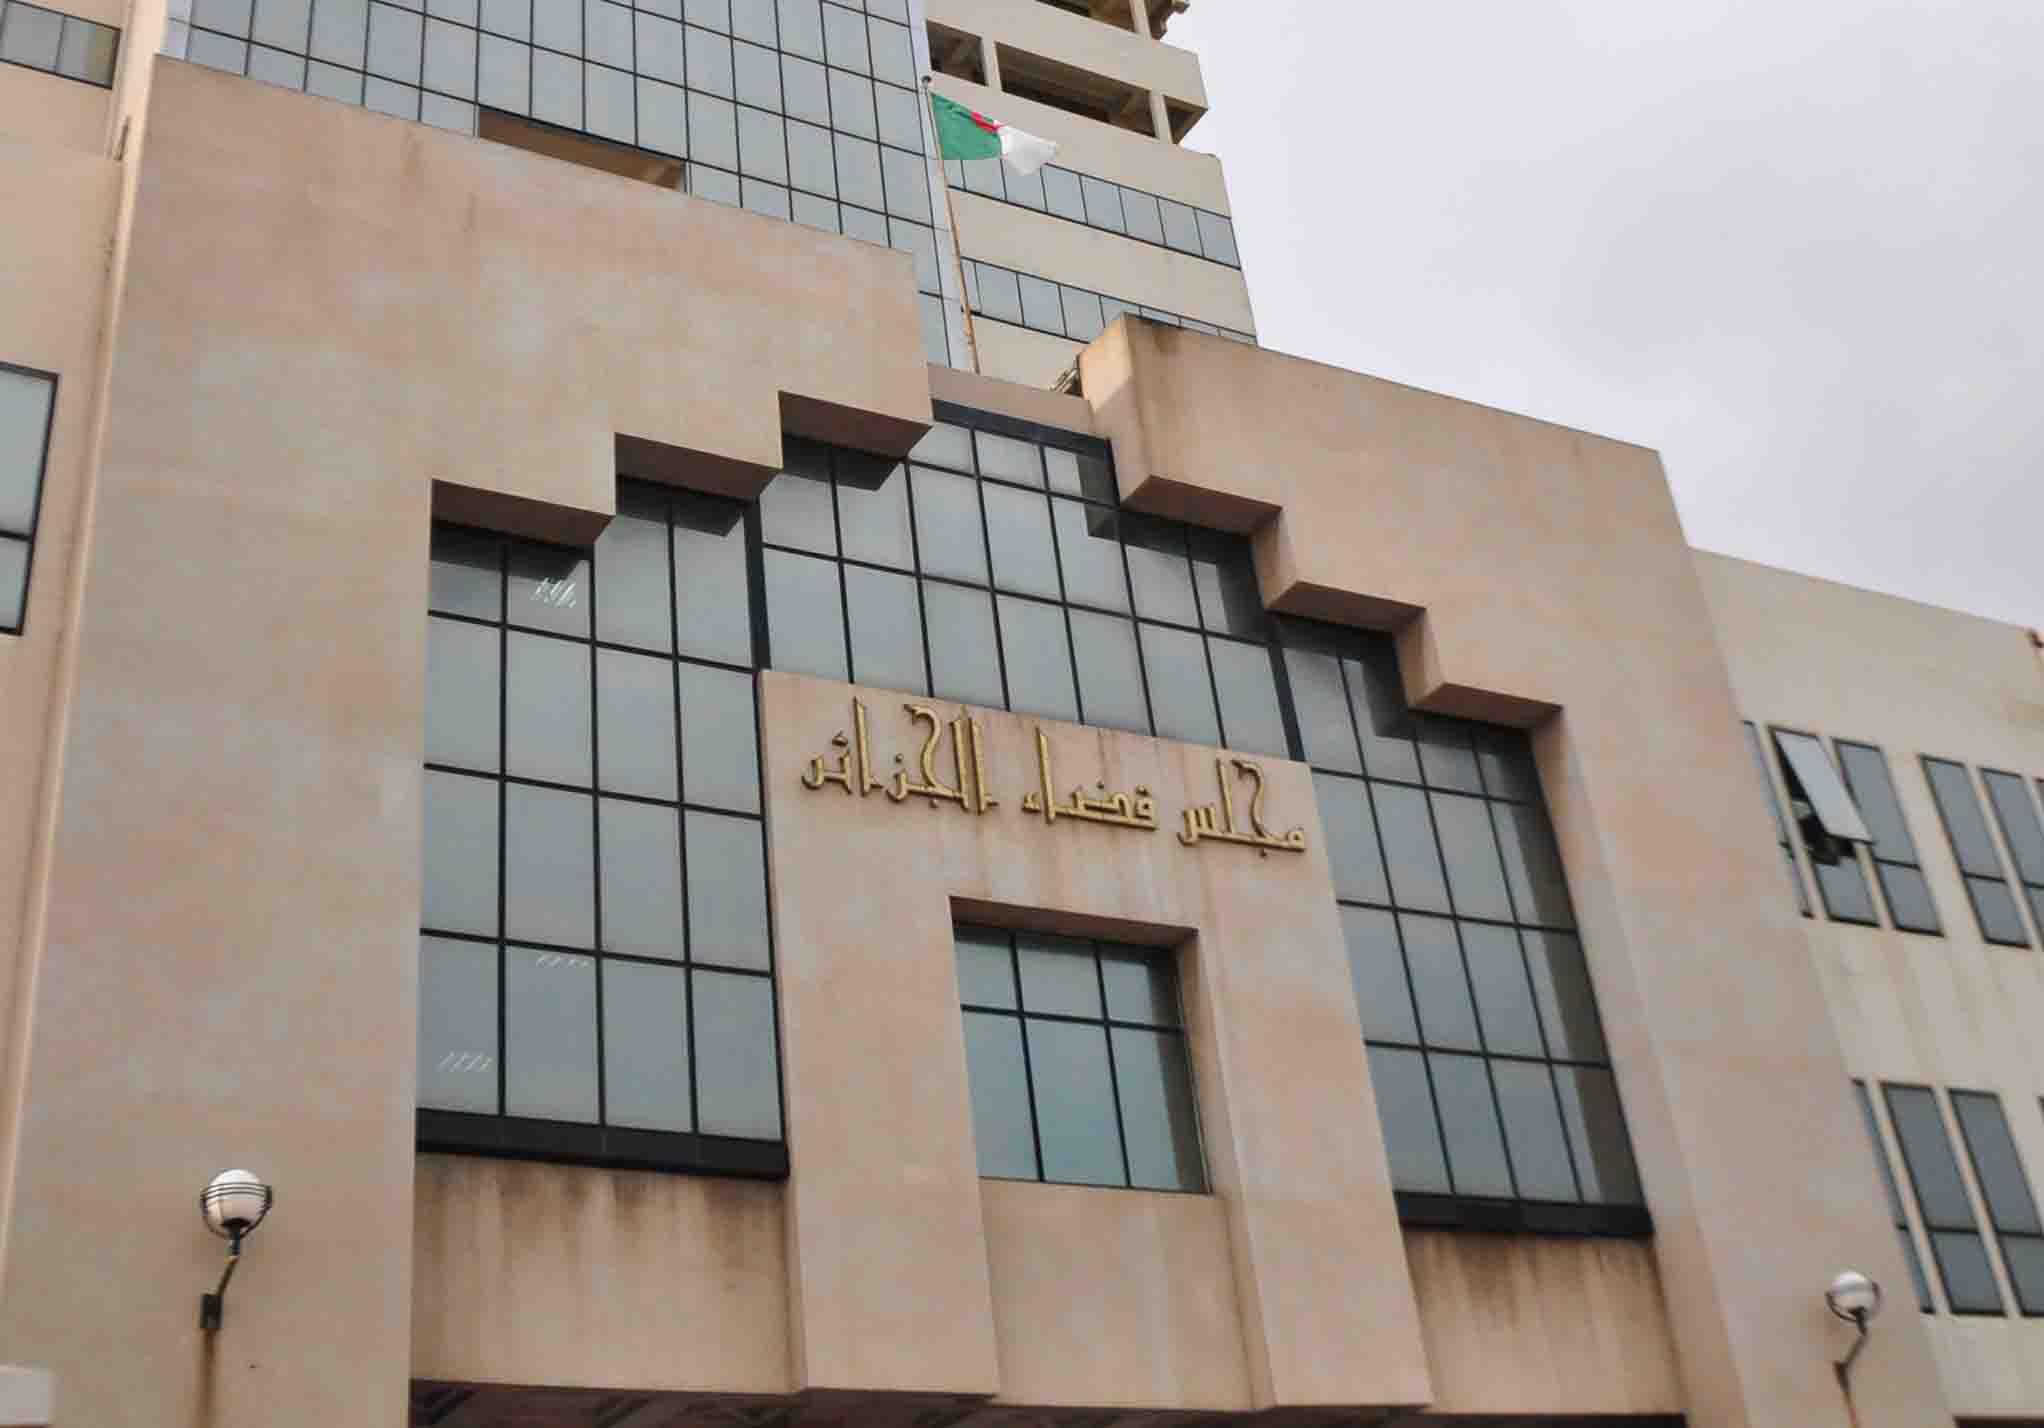 تأجيل الاستئناف في قضية الوالي السابق لتيبازة مصطفى عياضي إلى 16 جوان المقبل   - الجزائر